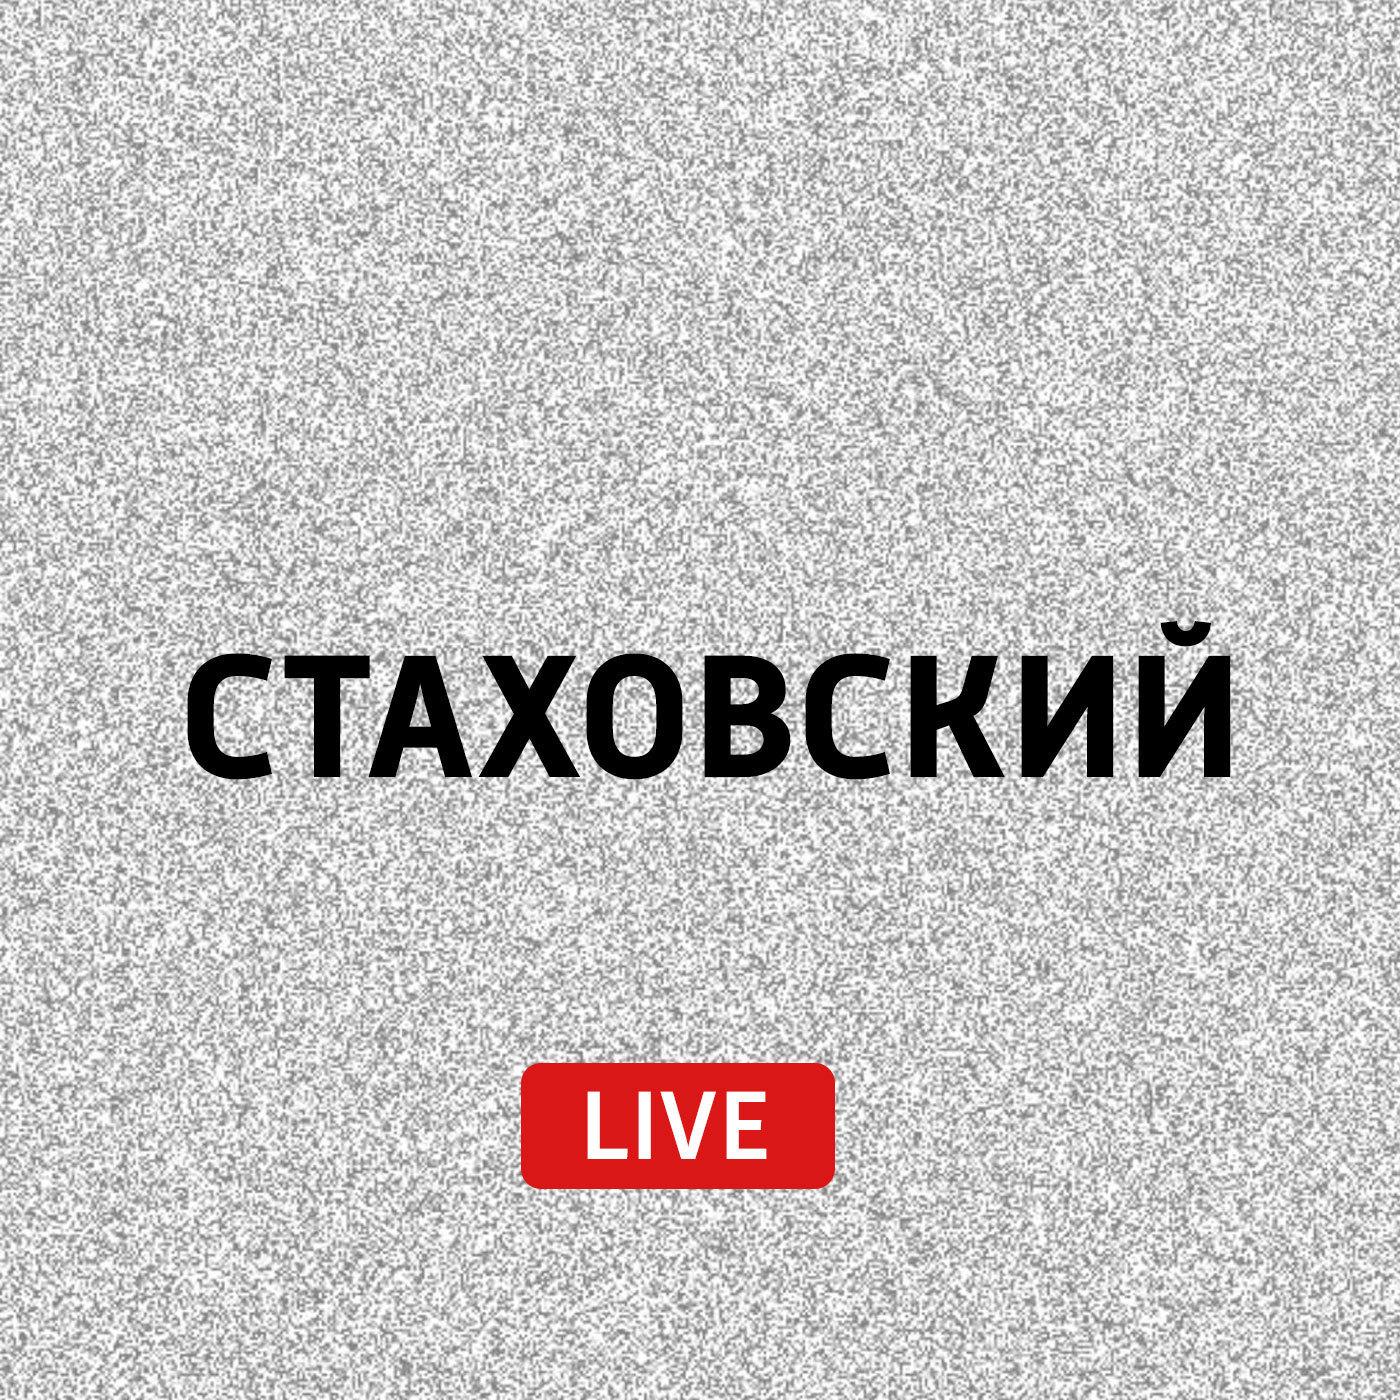 Евгений Стаховский Толковый словарь евгений стаховский хаю хай